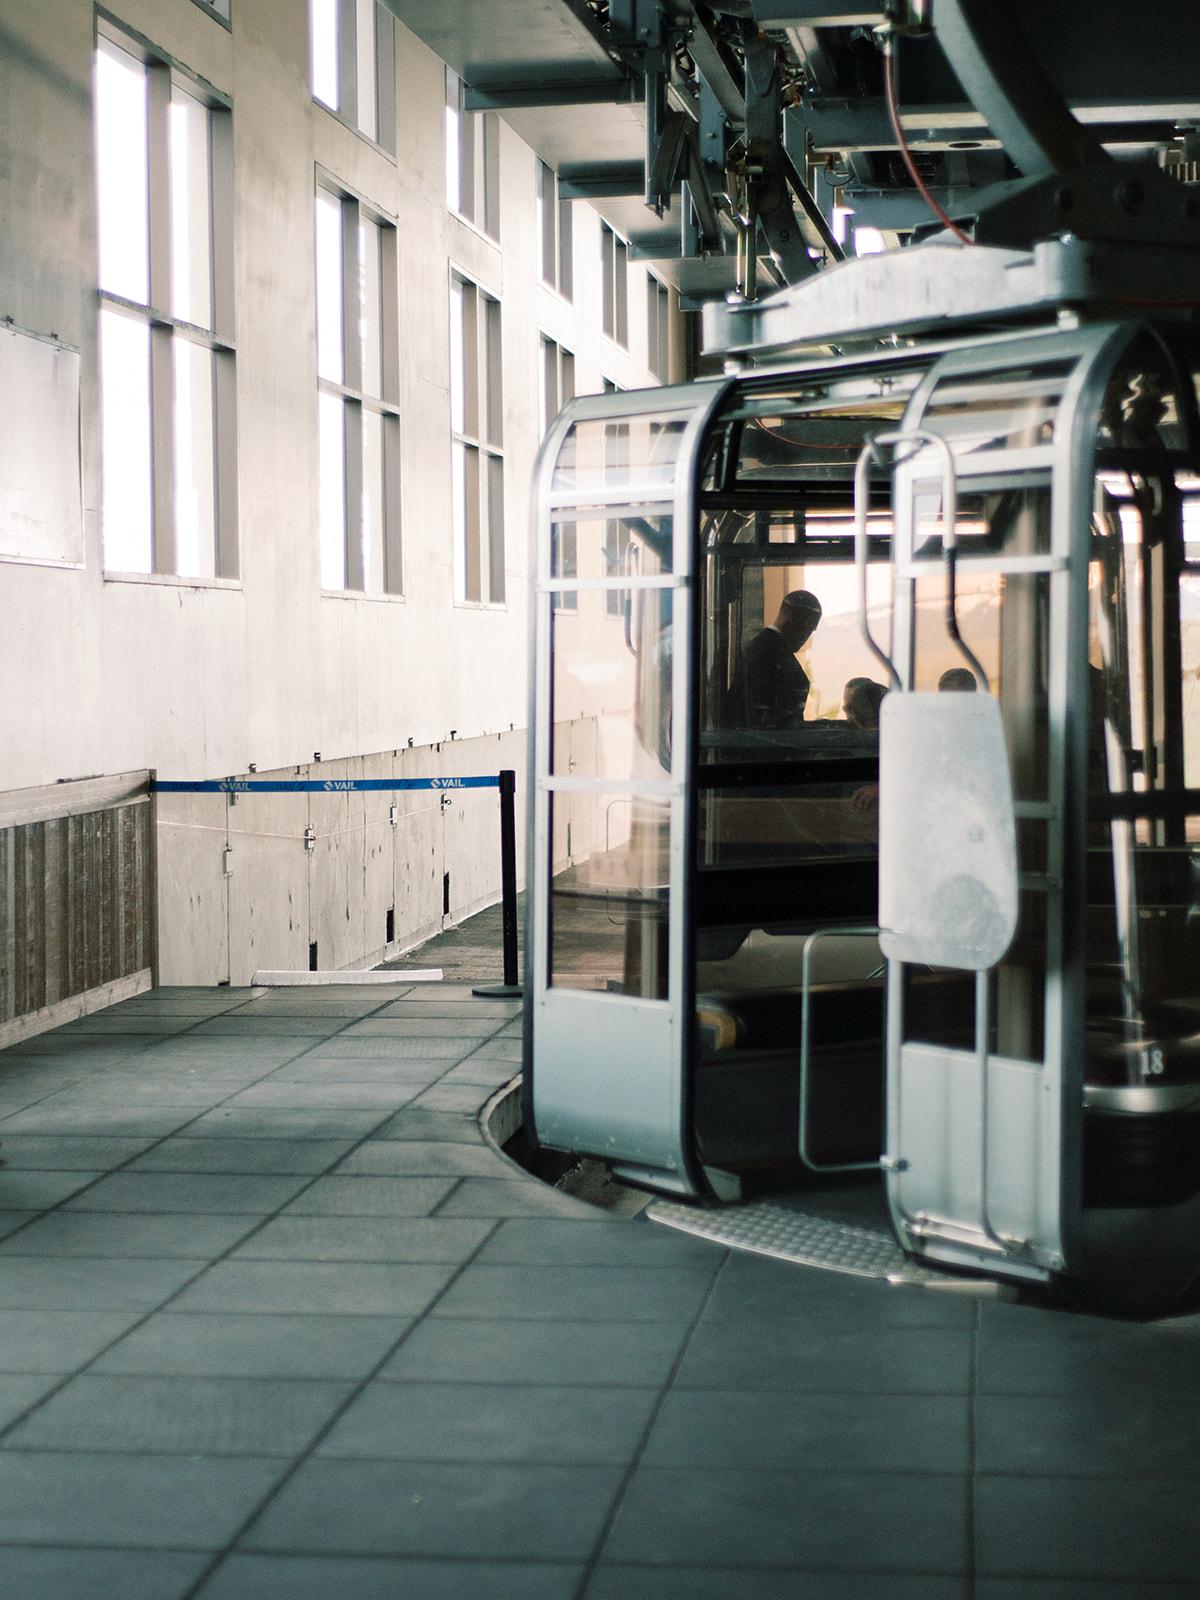 ski lift entry platform